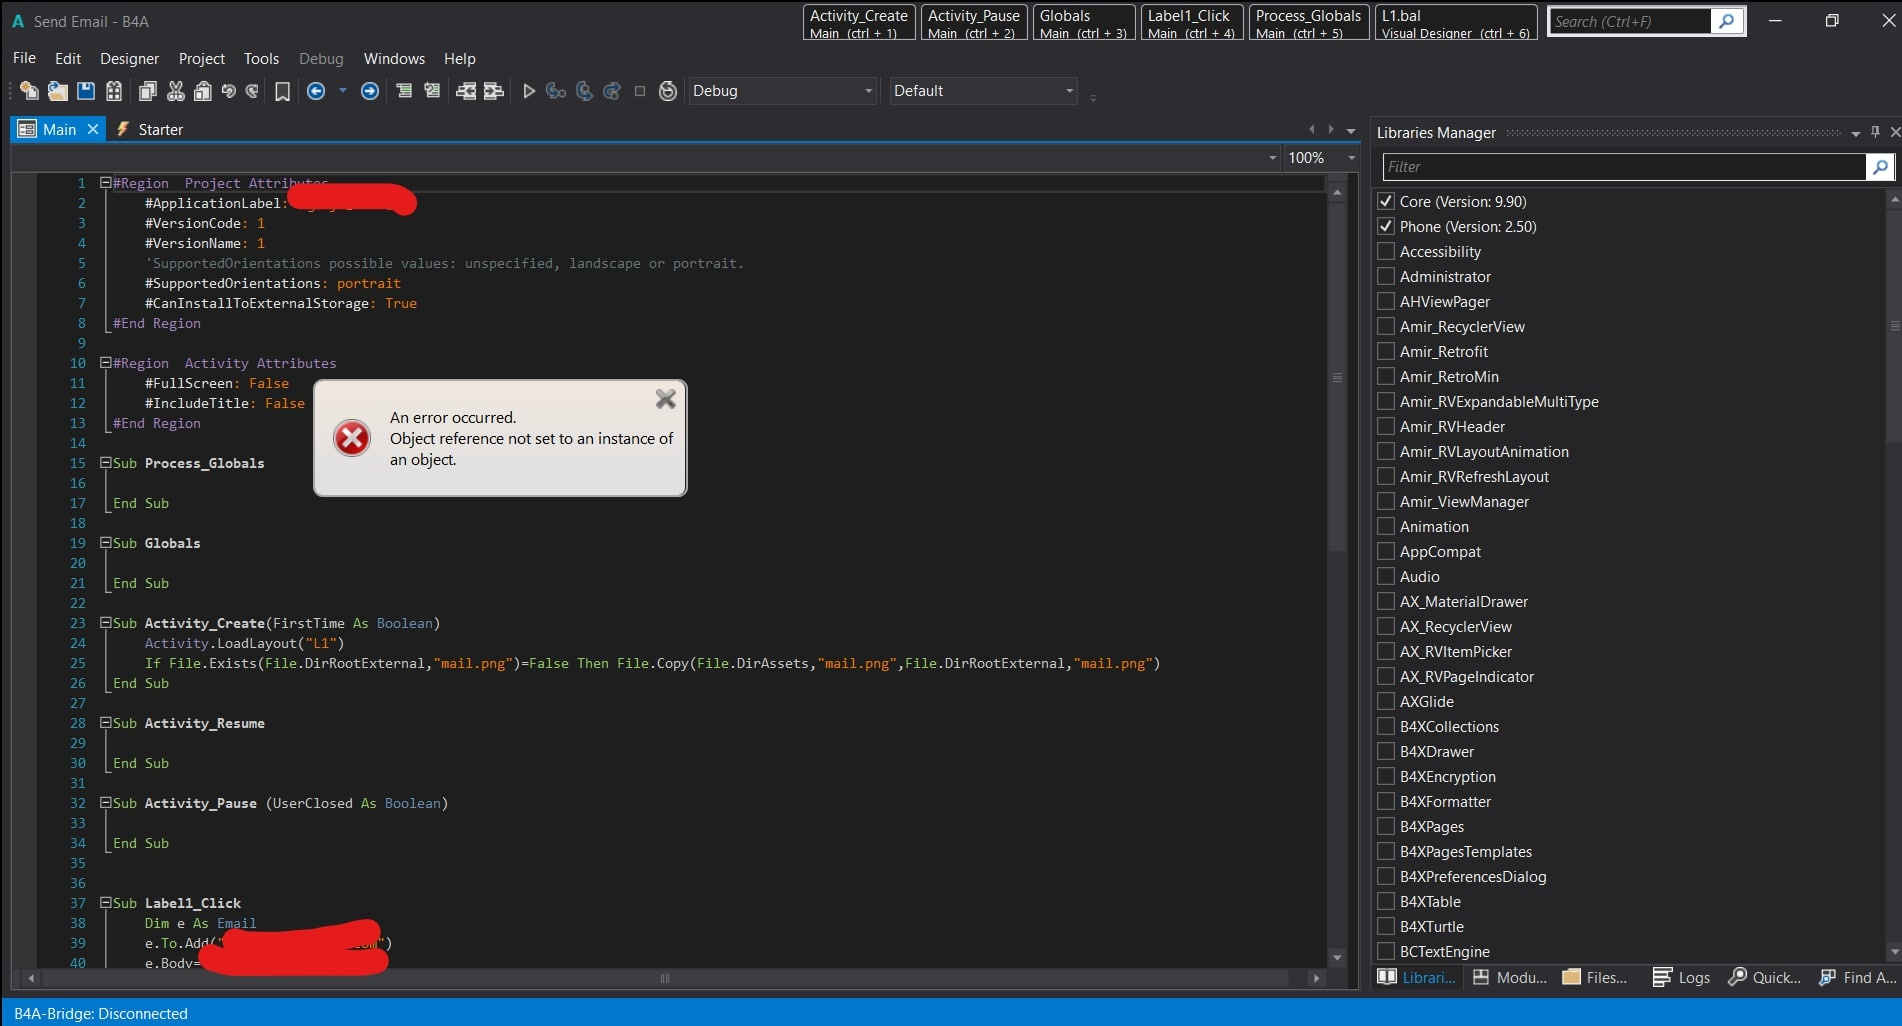 Screenshot (2)_LI-min.jpg